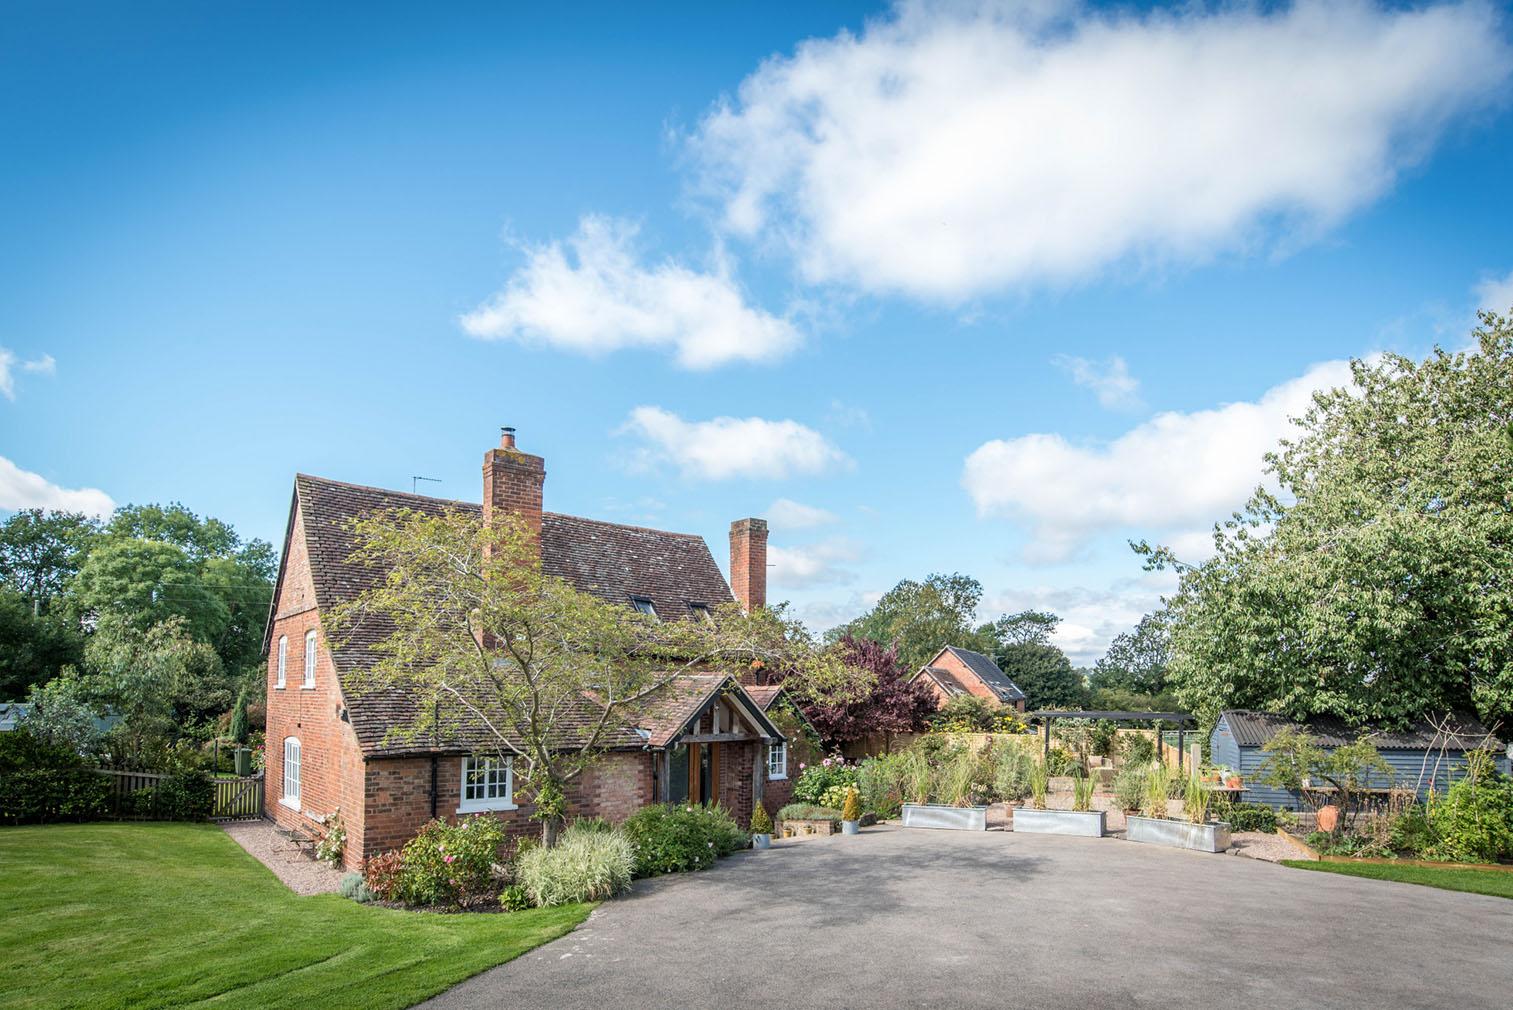 Garden Rose Cottage in Warwickshire